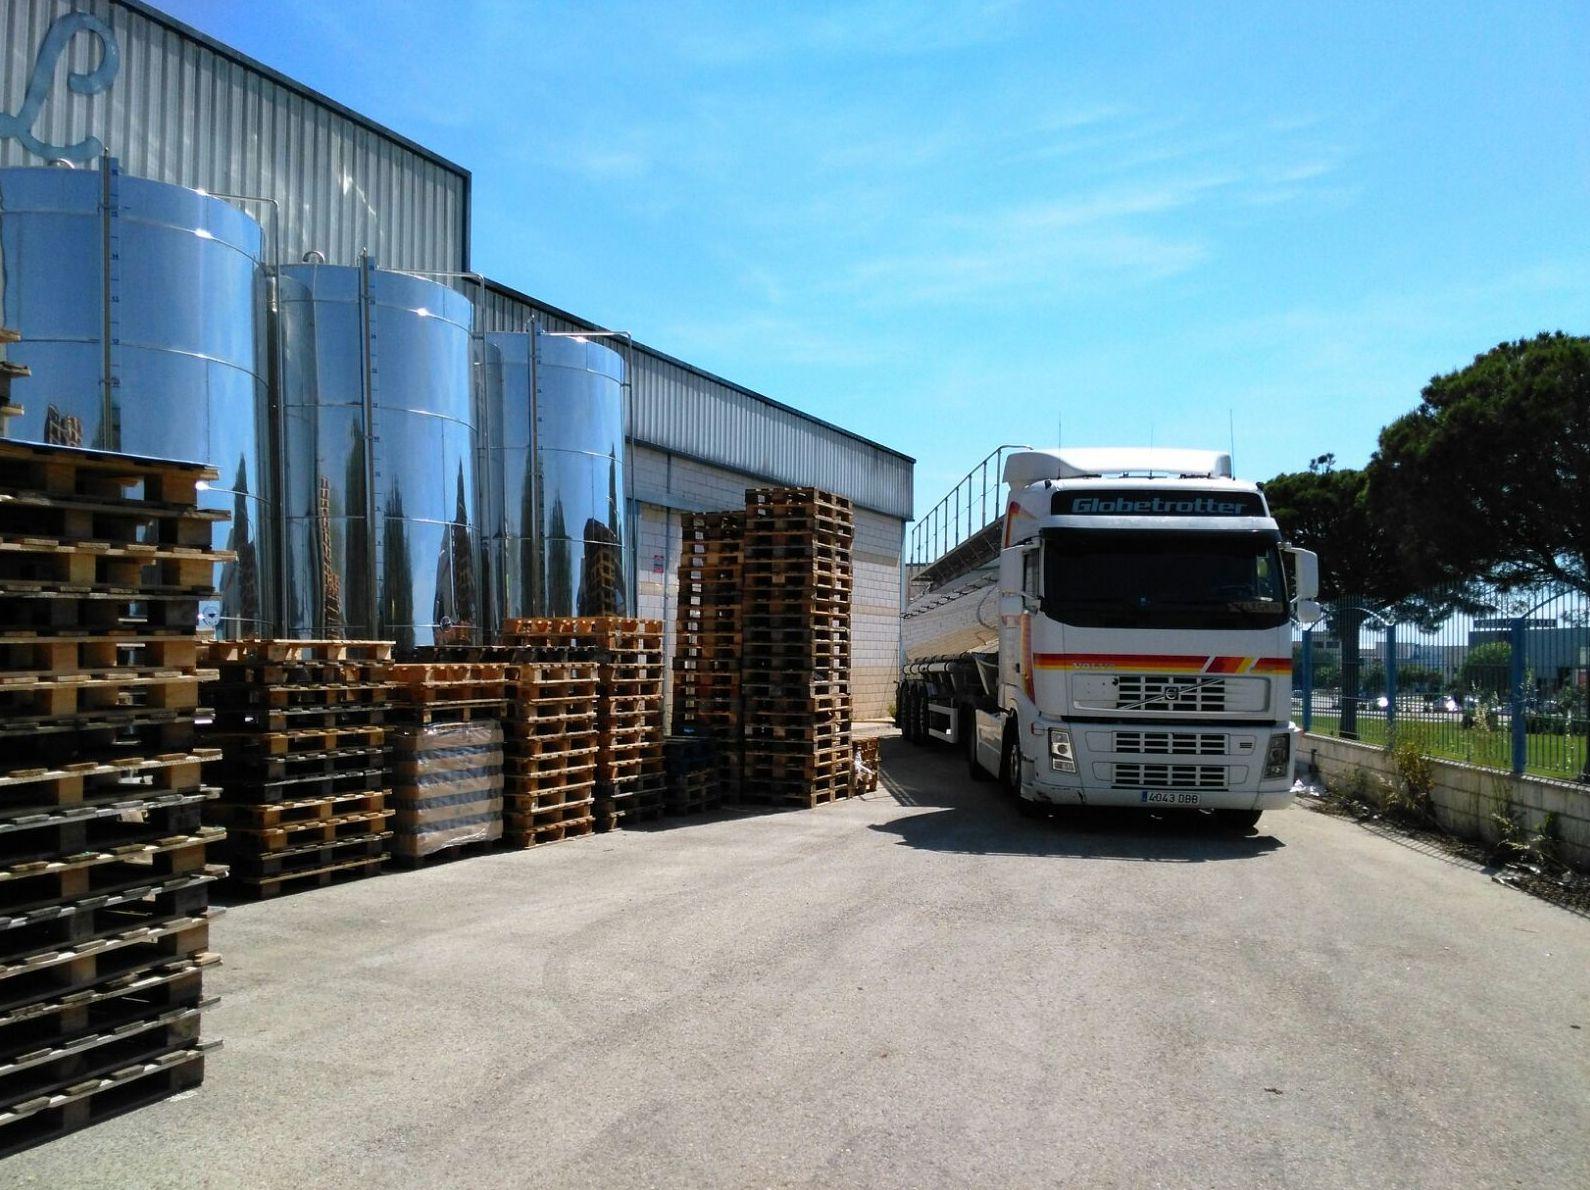 Foto 13 de Transporte de mercancías alimenticias en Sanlúcar de Barrameda | Transportes Cristobal  Guerrero Villalar